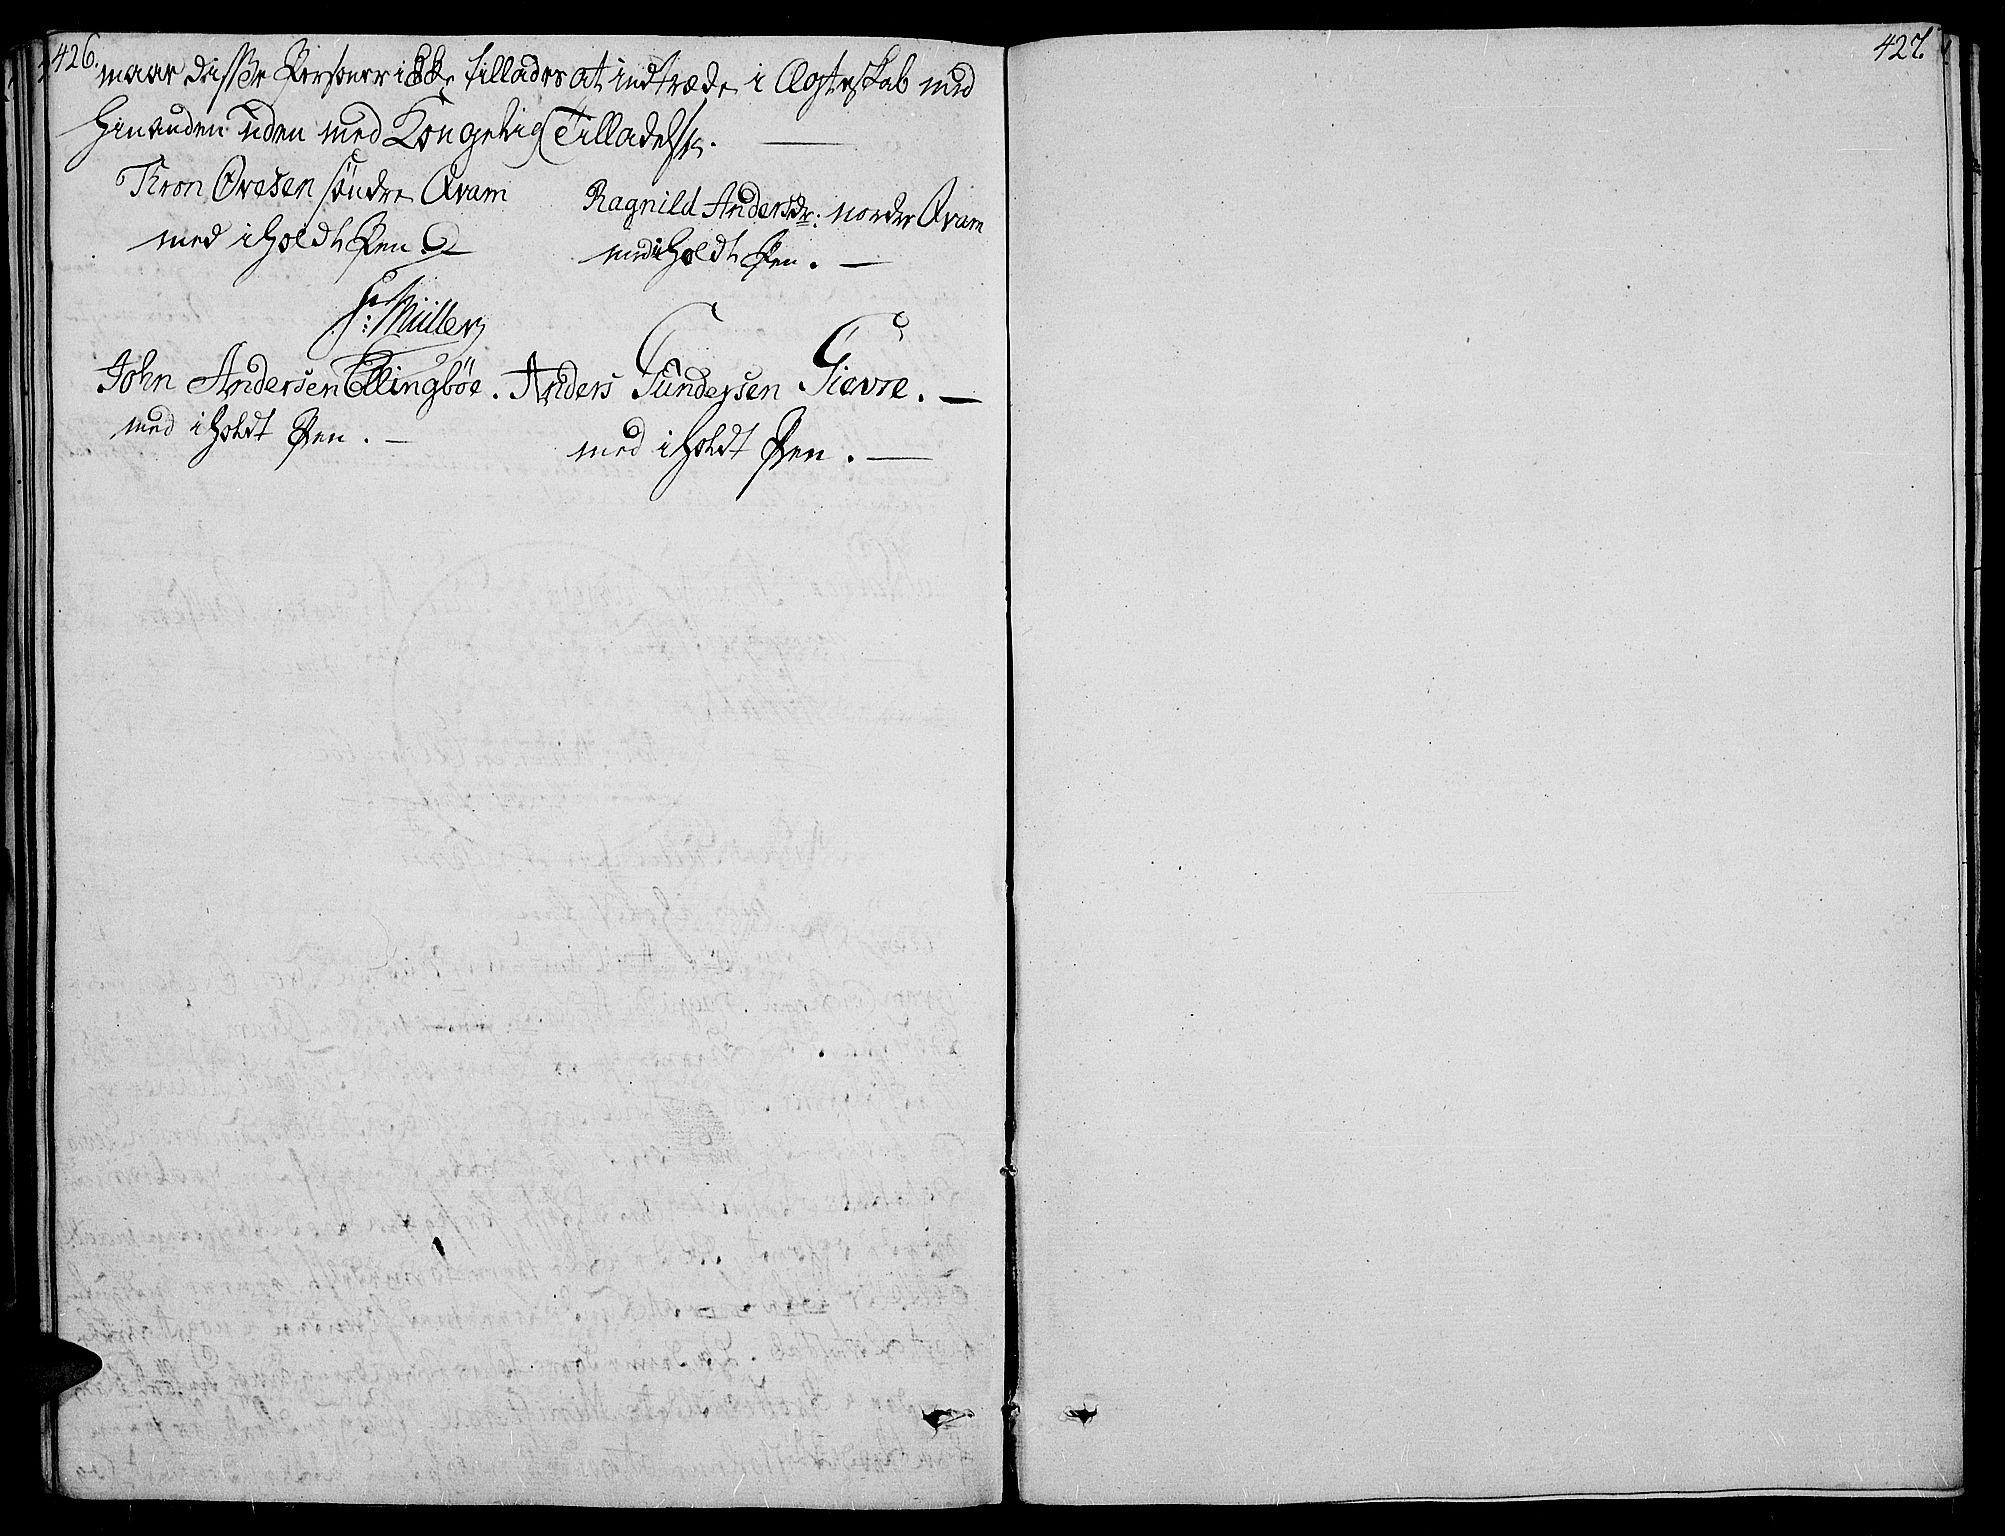 SAH, Vang prestekontor, Valdres, Ministerialbok nr. 3, 1809-1831, s. 426-427